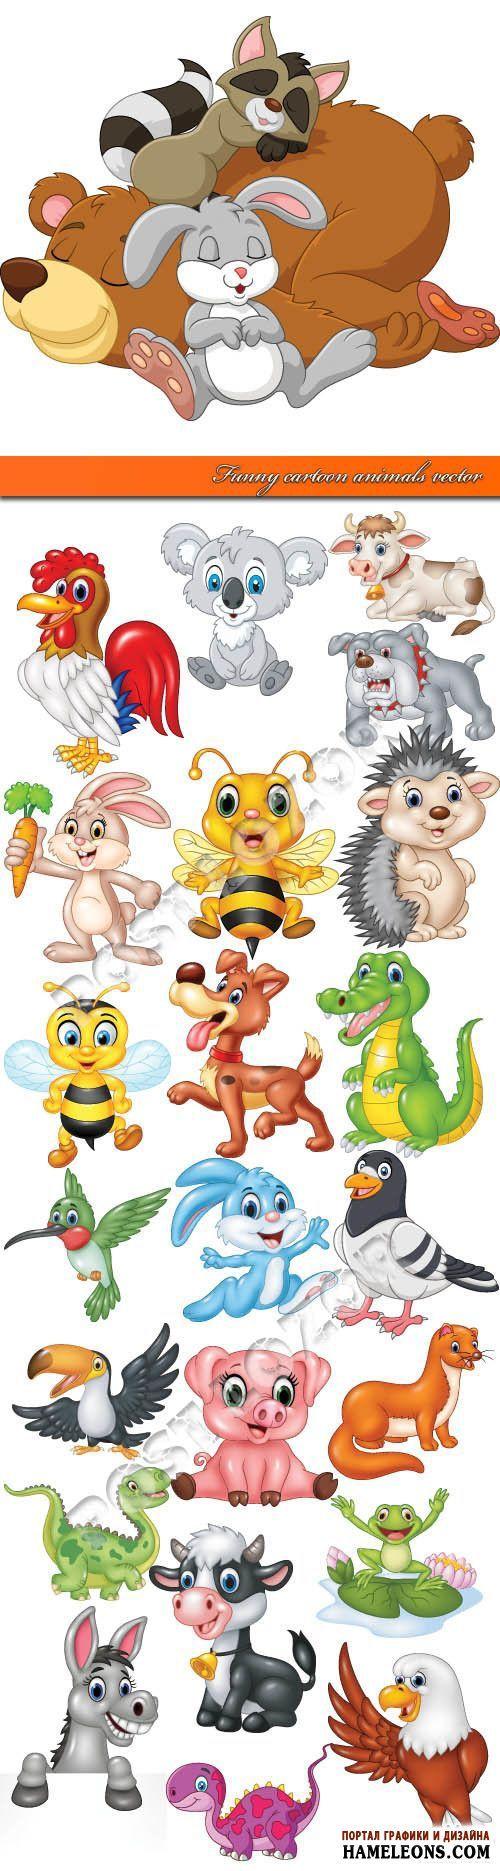 Яркие, забавные  мультипликационные животные, птицы в векторе: заяц, лиса, дракон, медведь, енот, собака, петух, лягушка, корова, пчела, еж, осел, попугай | Funny cartoon animals vector